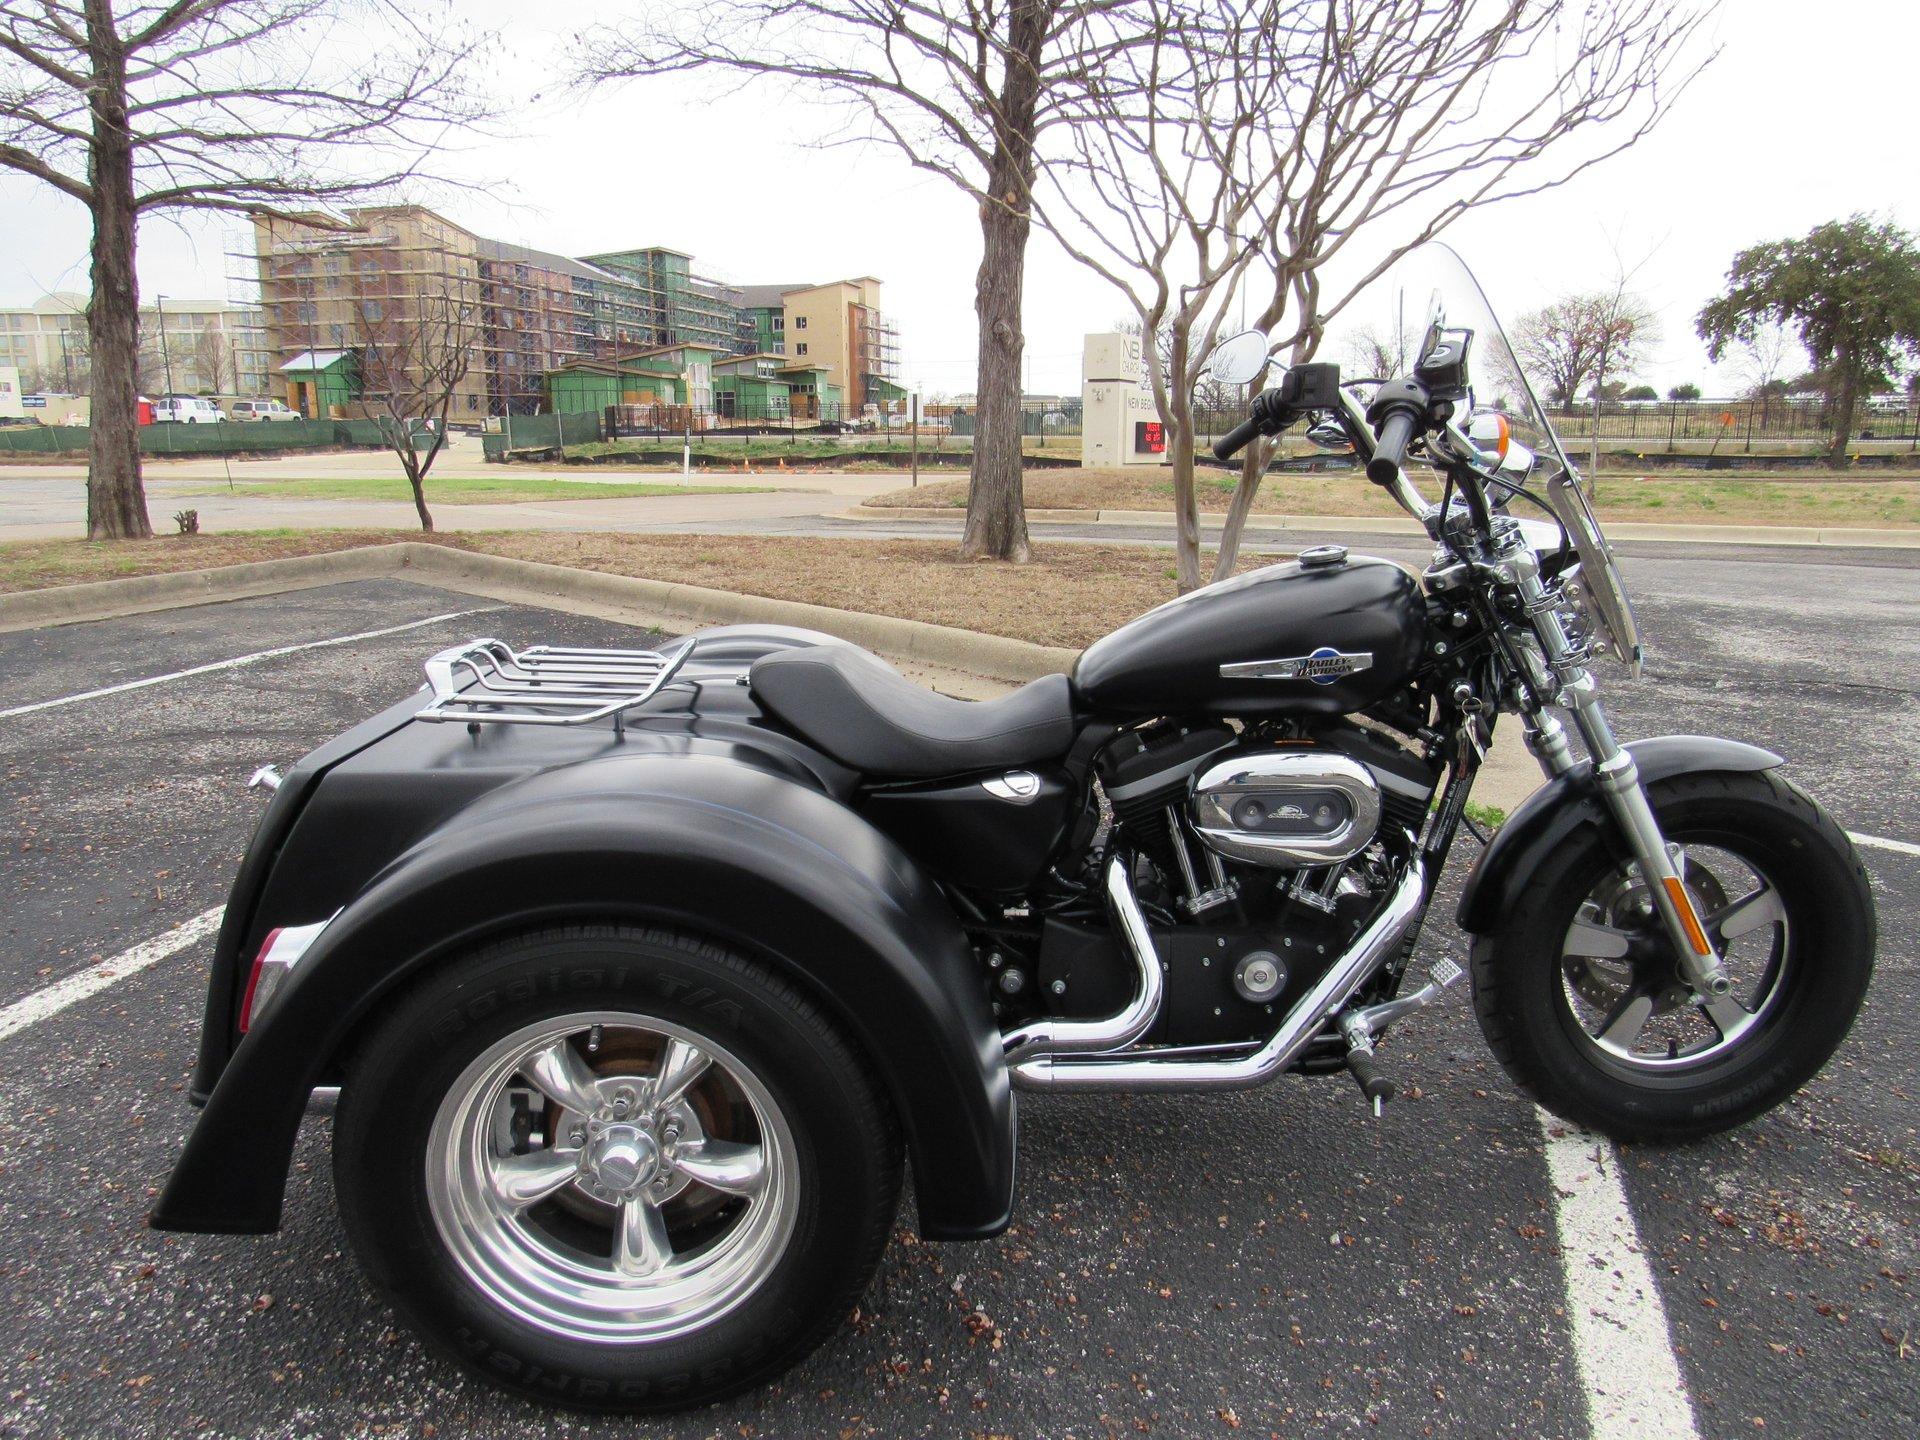 2012 Harley-Davidson Sportster 1200 CUSTOM PROGRAM -1200CP w